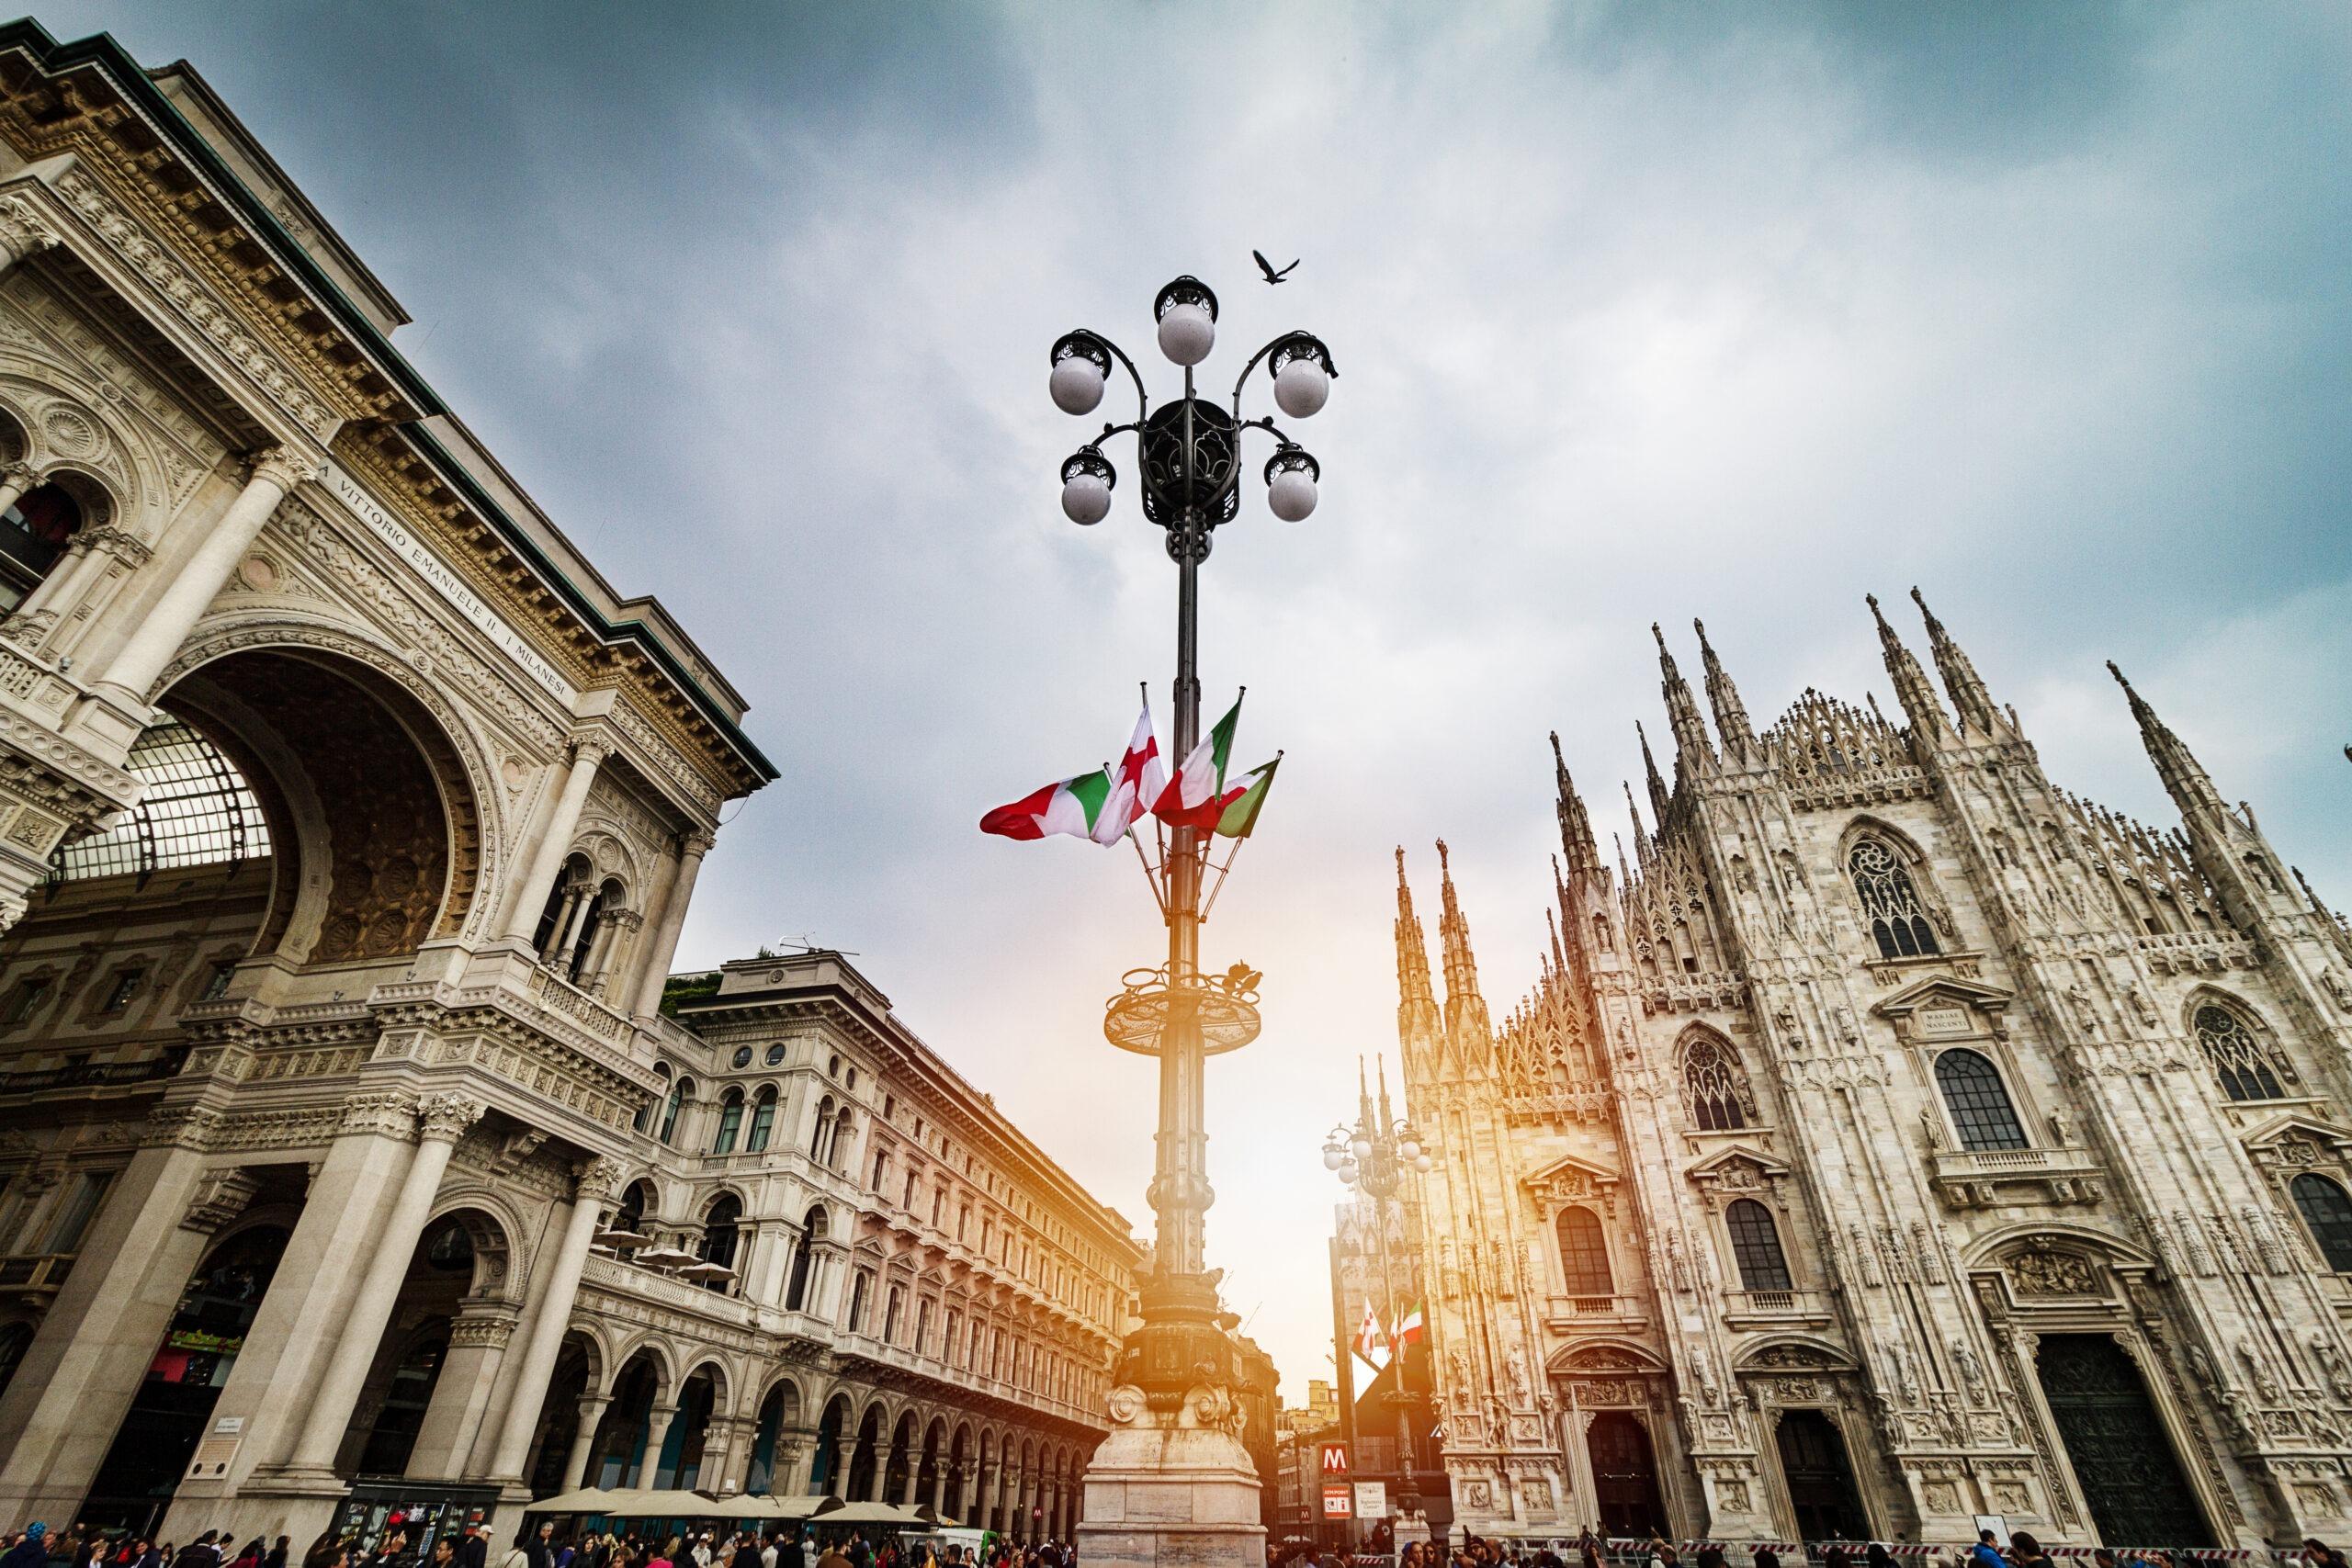 traslochi Milano aziendali